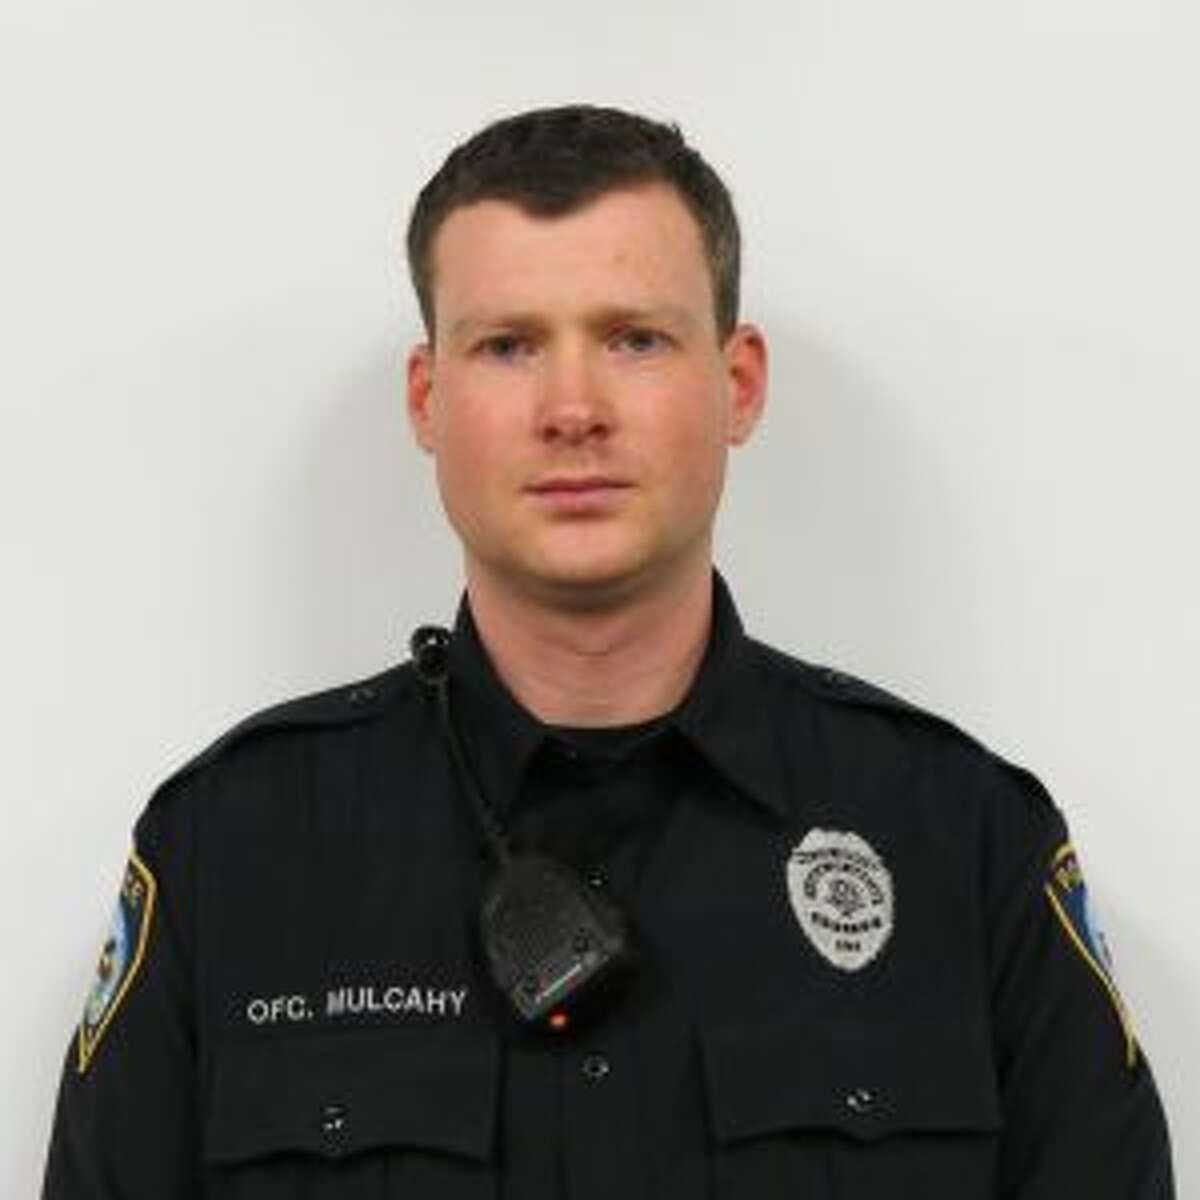 Sgt. Derek Mulcahy